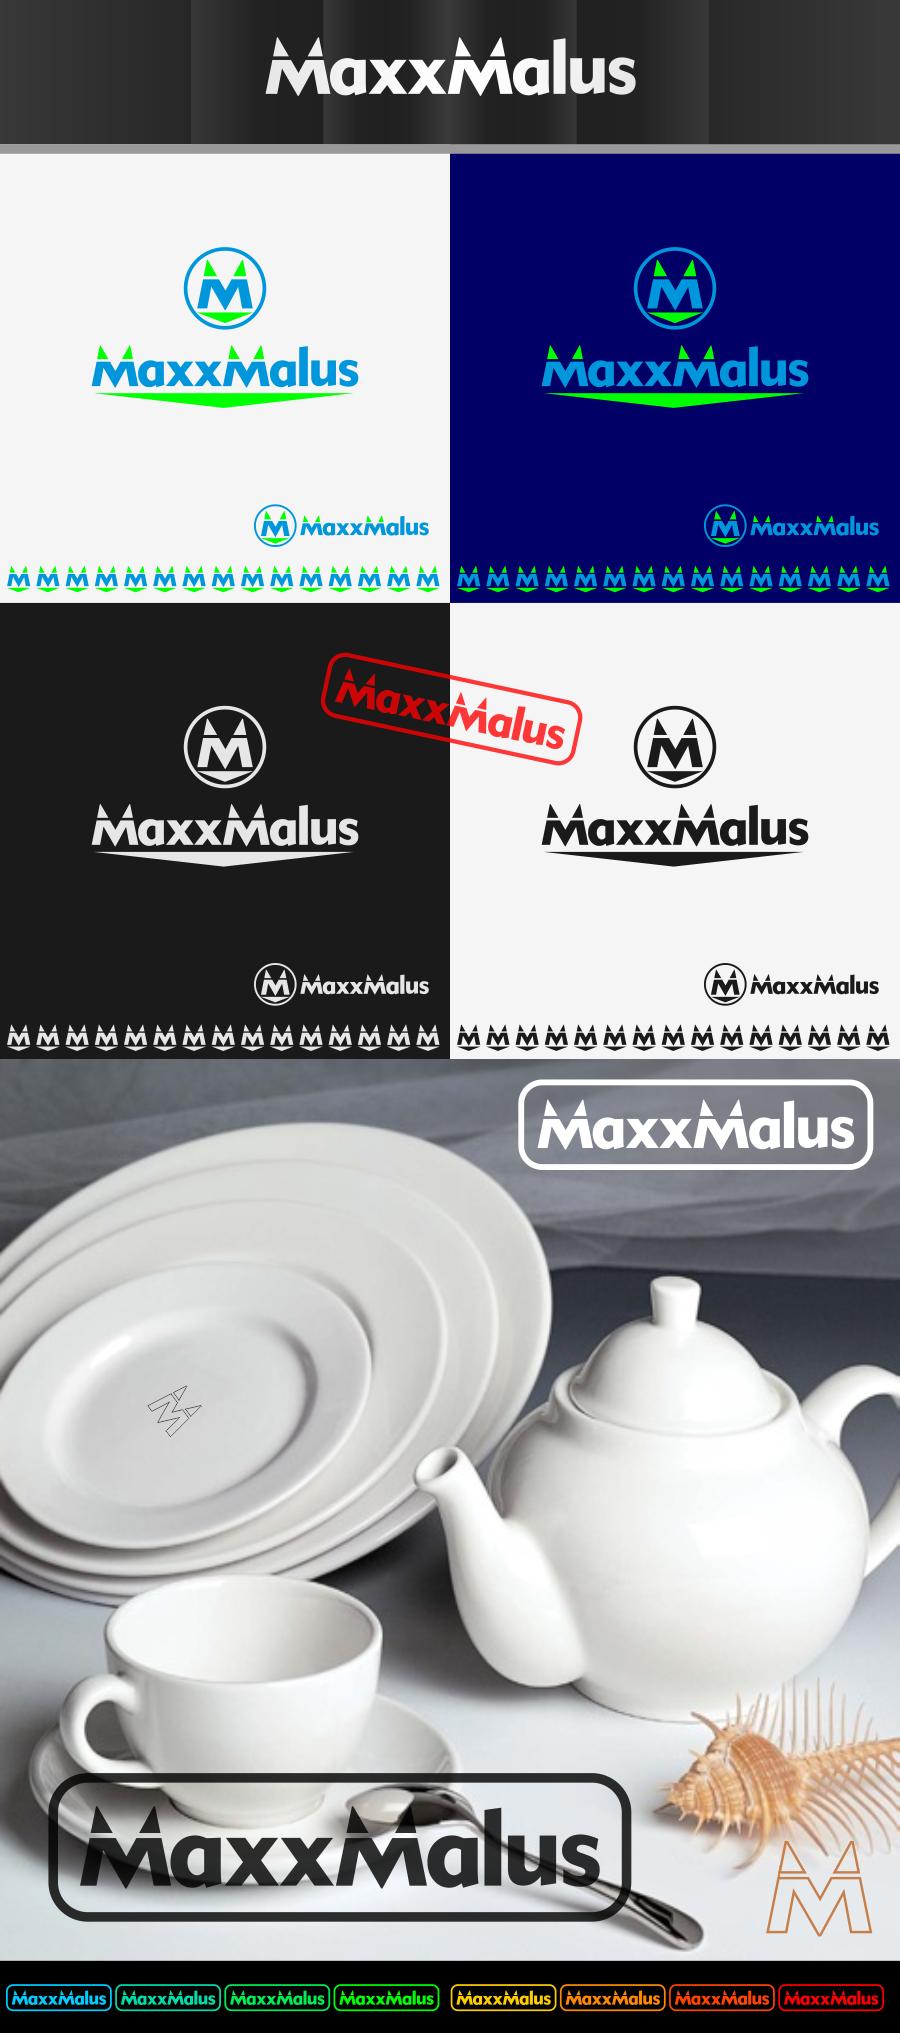 Логотип для нового бренда повседневной посуды фото f_7785ba2313a1dacb.png